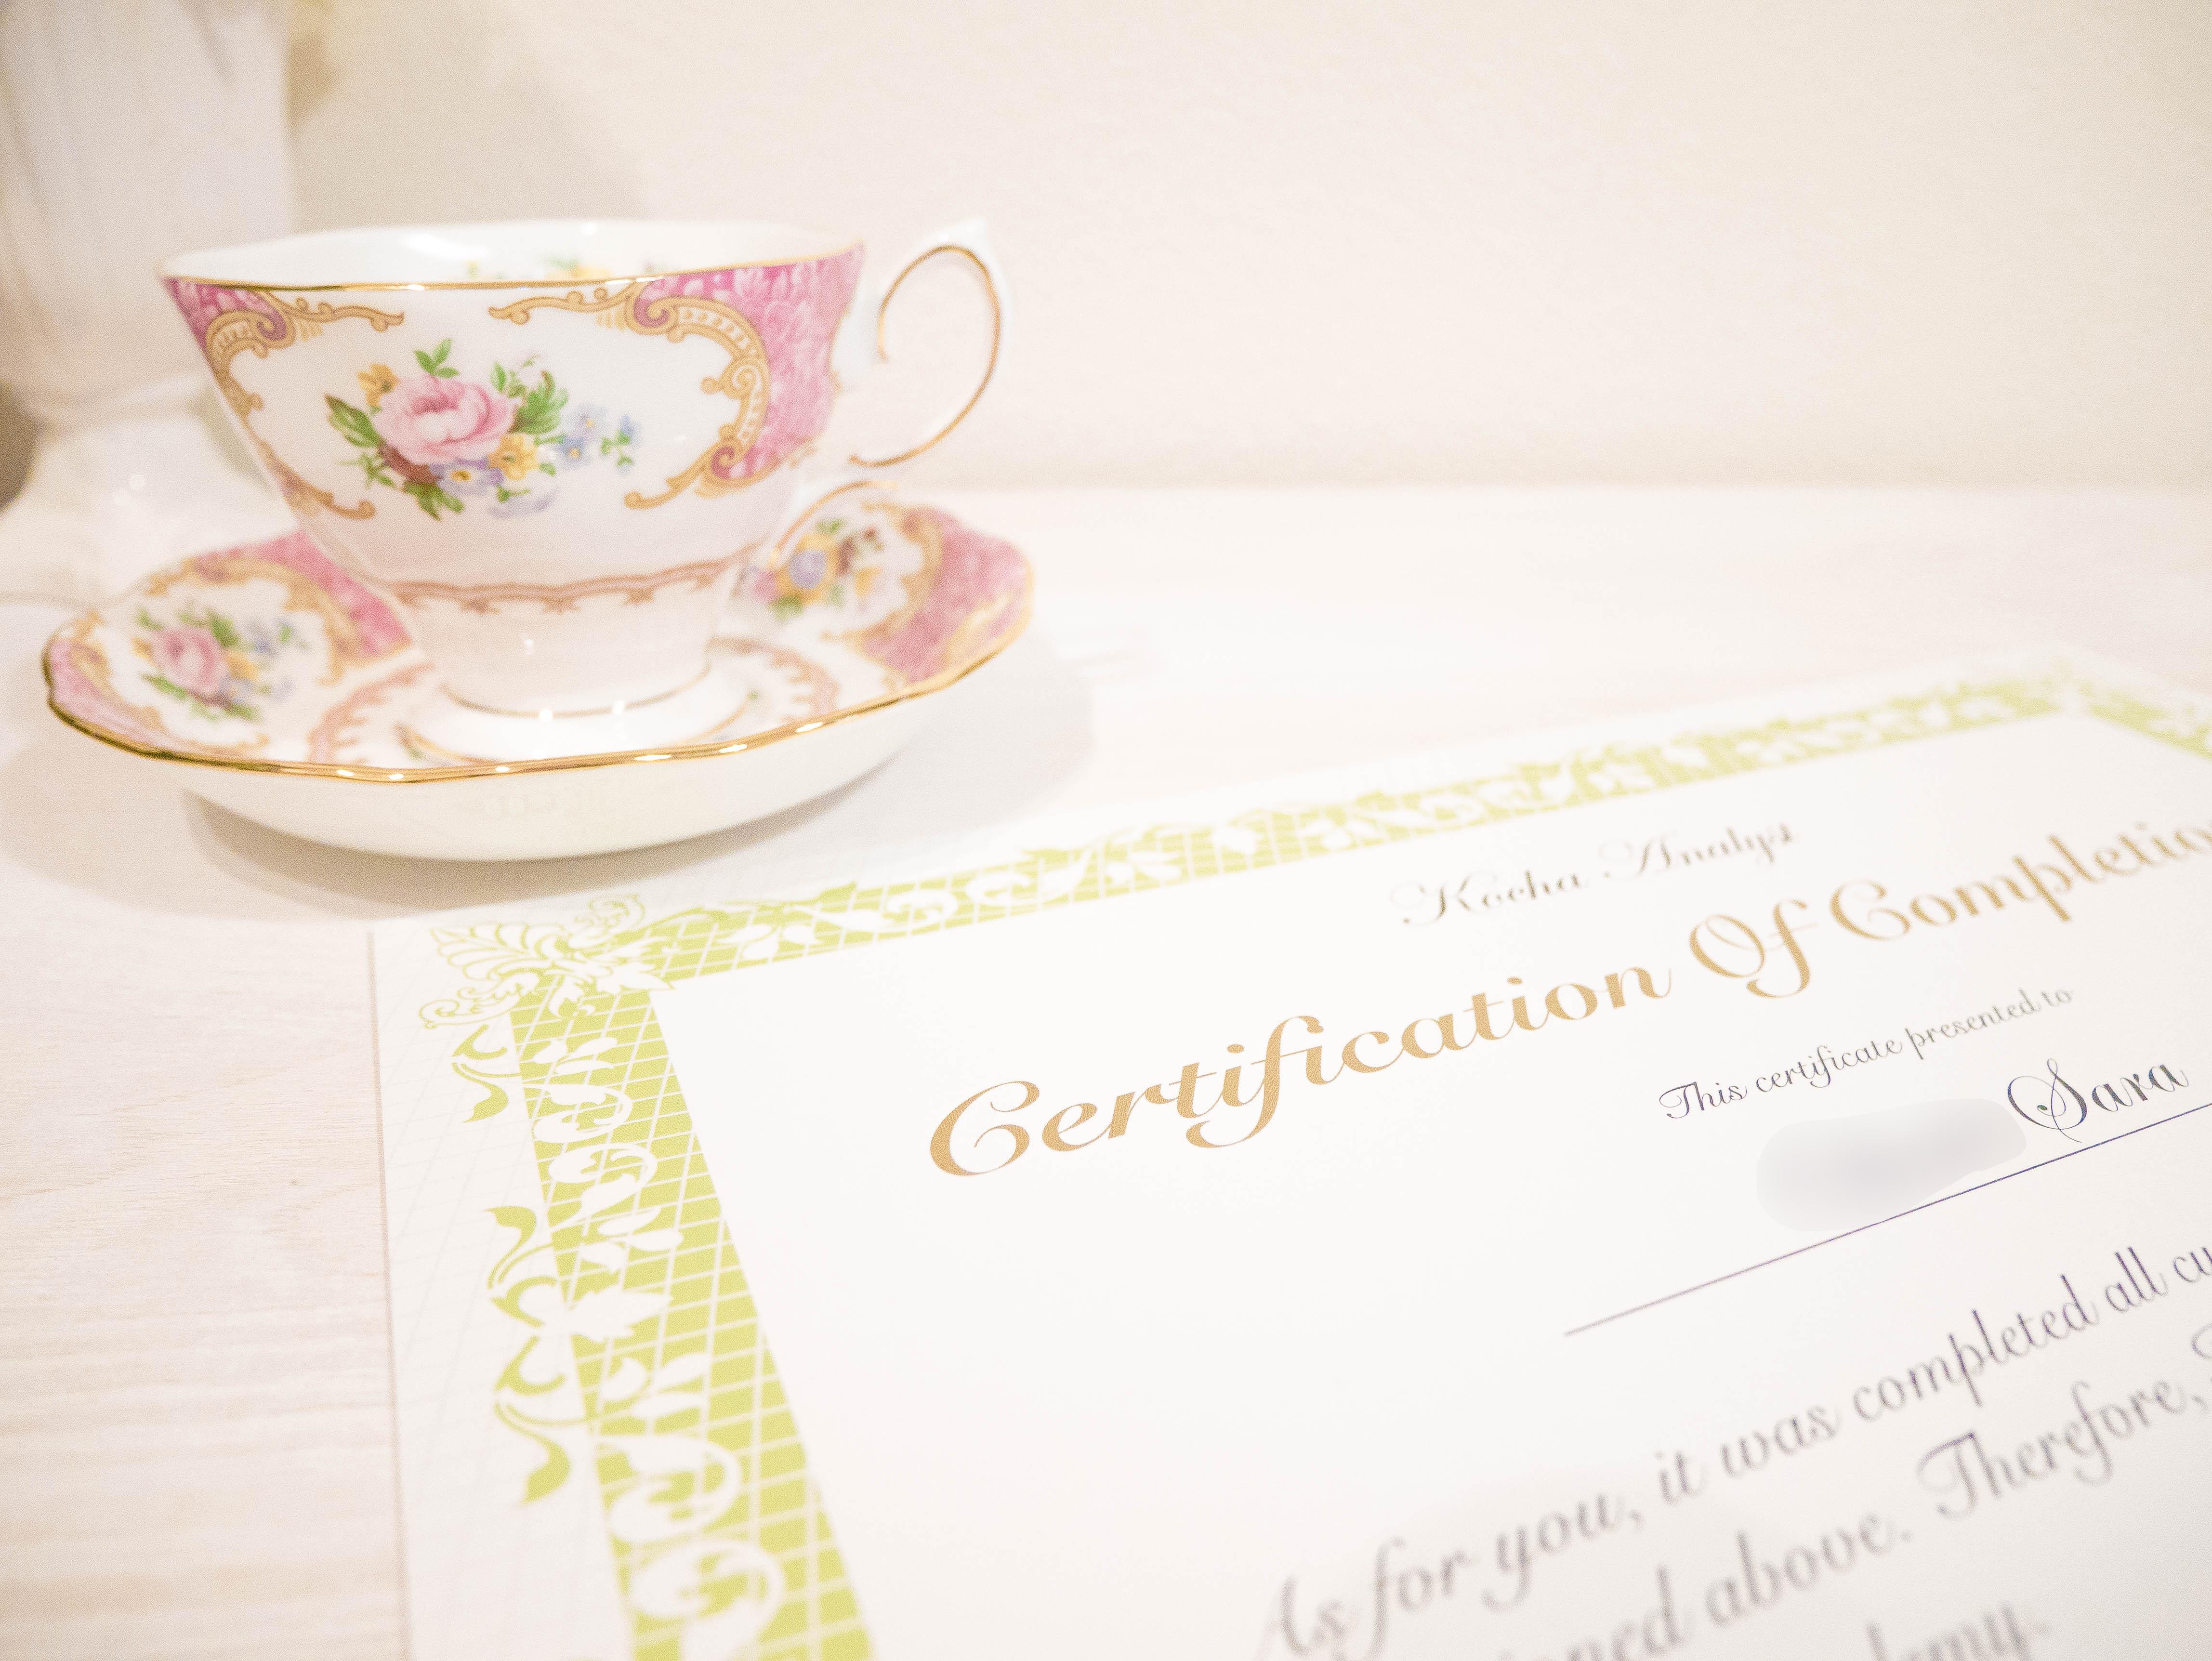 紅茶の資格を通信で取りたい人におすすめ!formieの紅茶アナリストに合格しました!